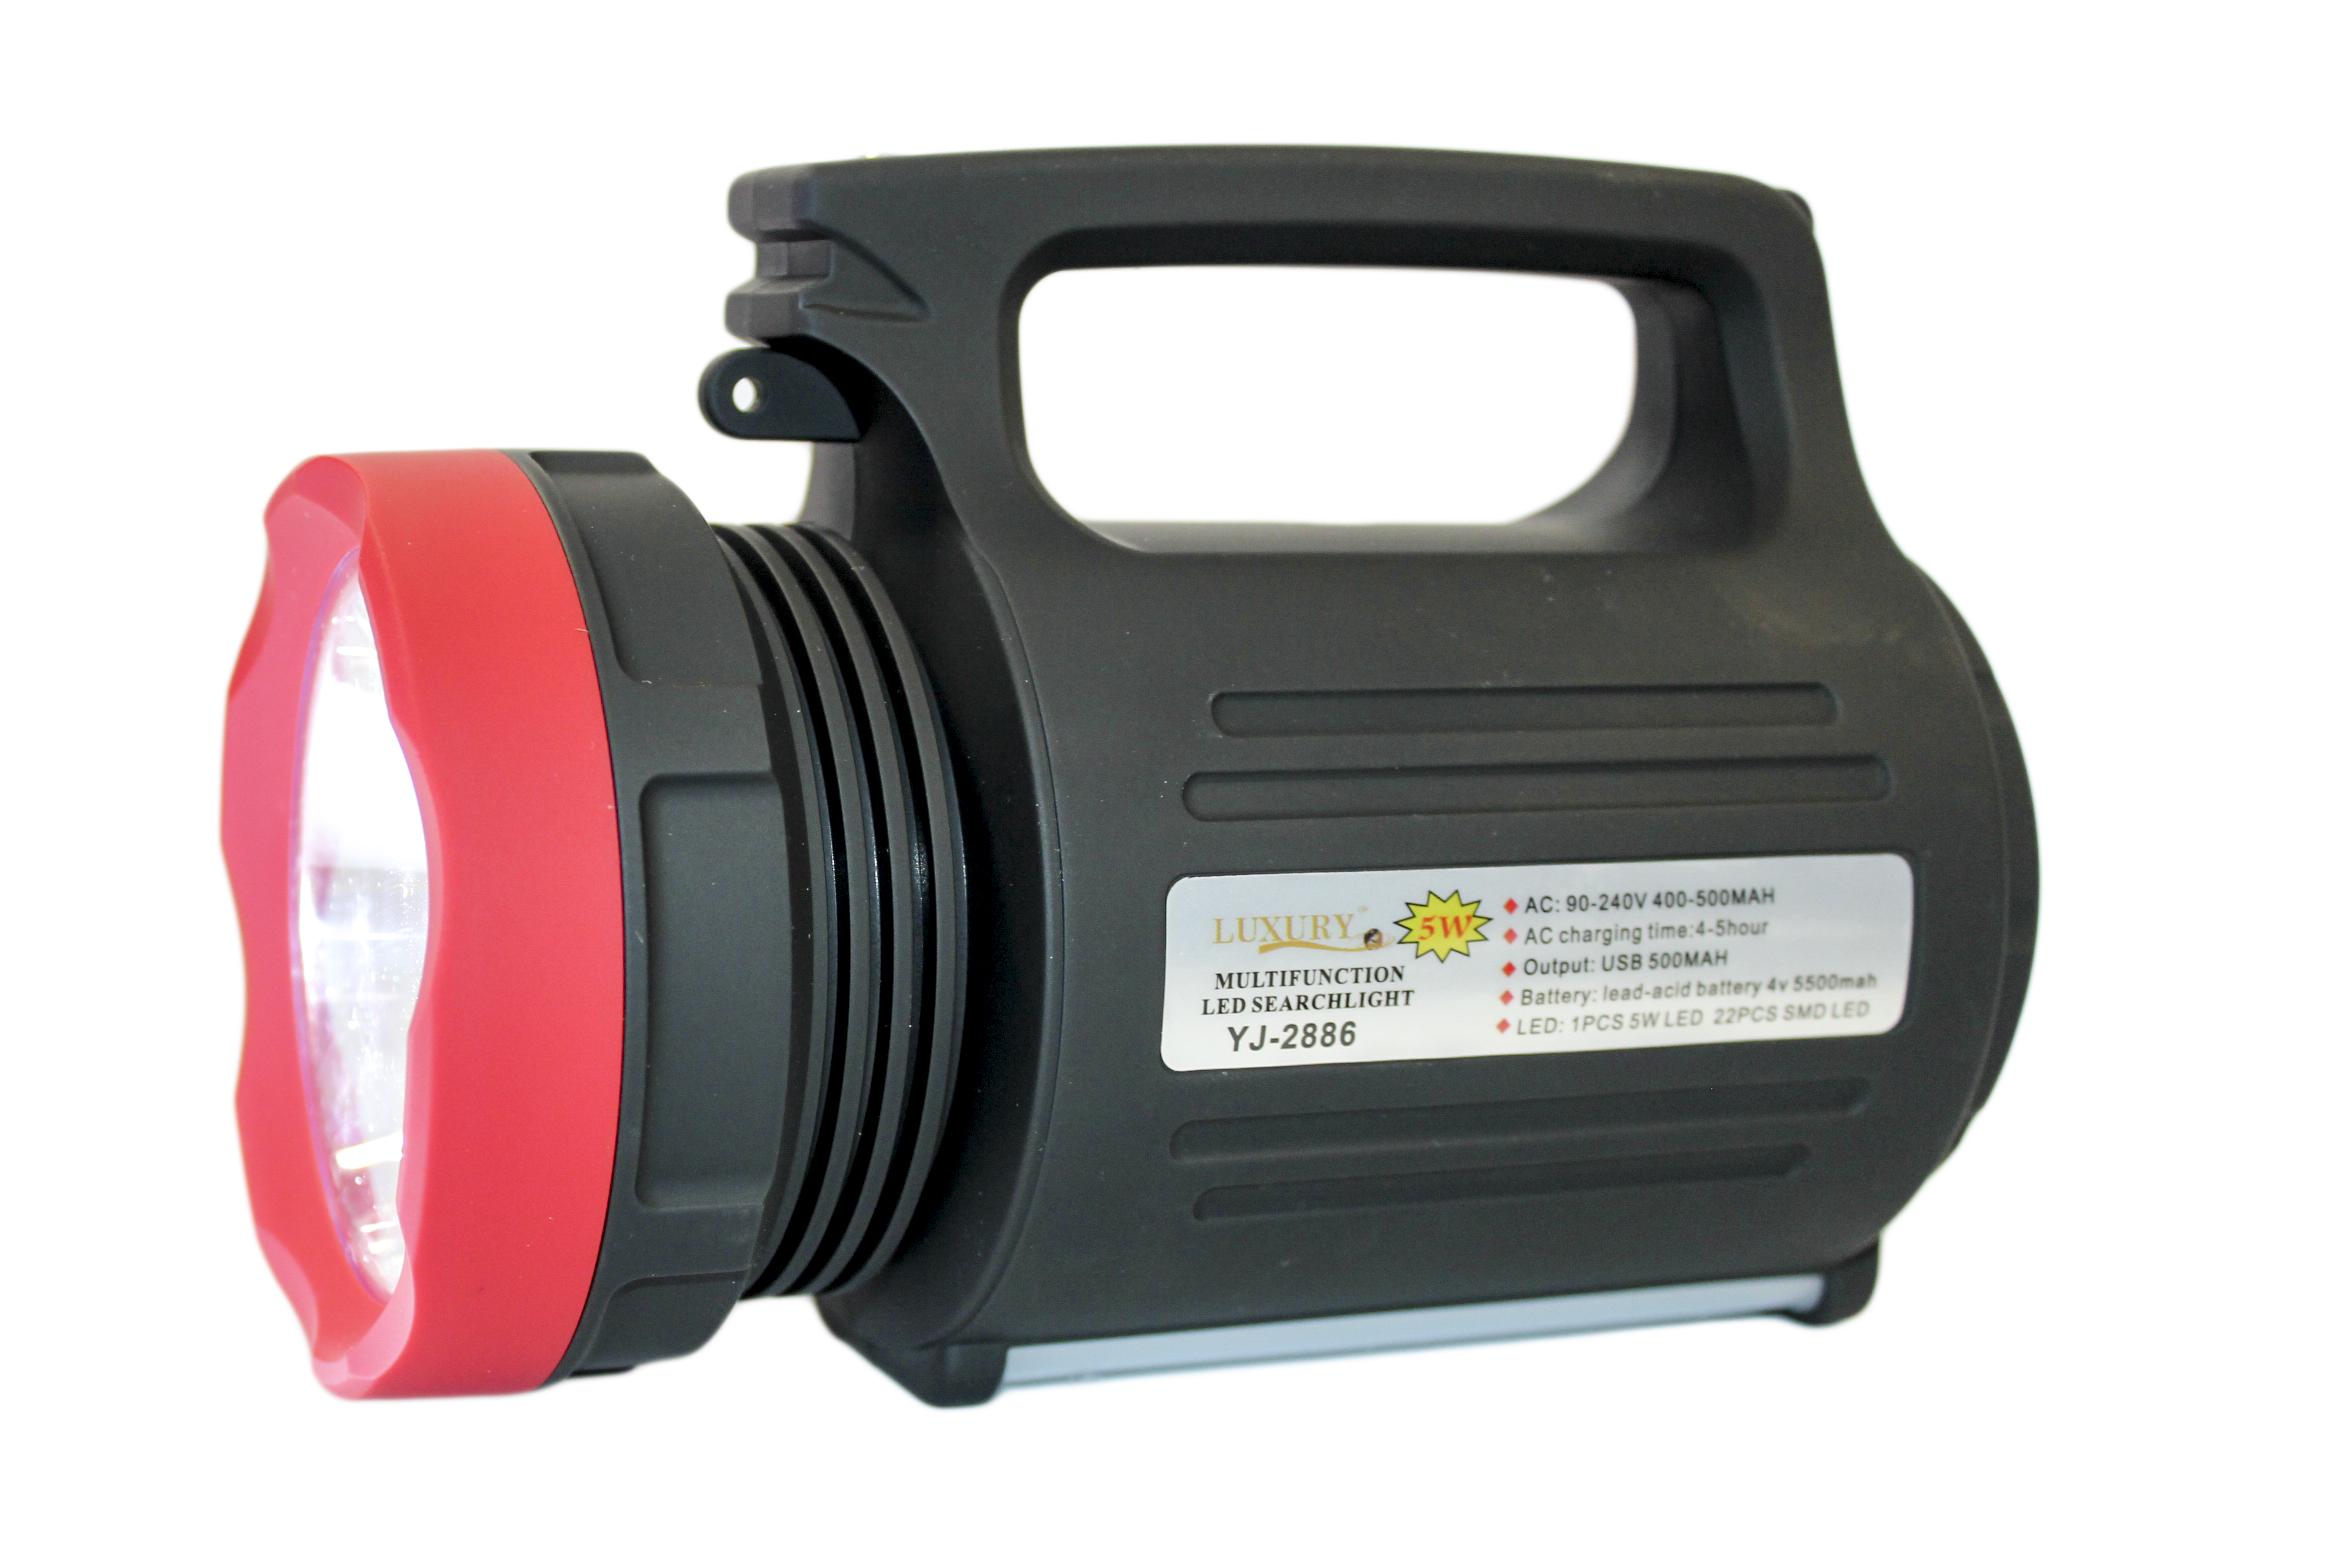 Ліхтар-прожектор Yajia YJ-2886 5W+22LED USB power bank